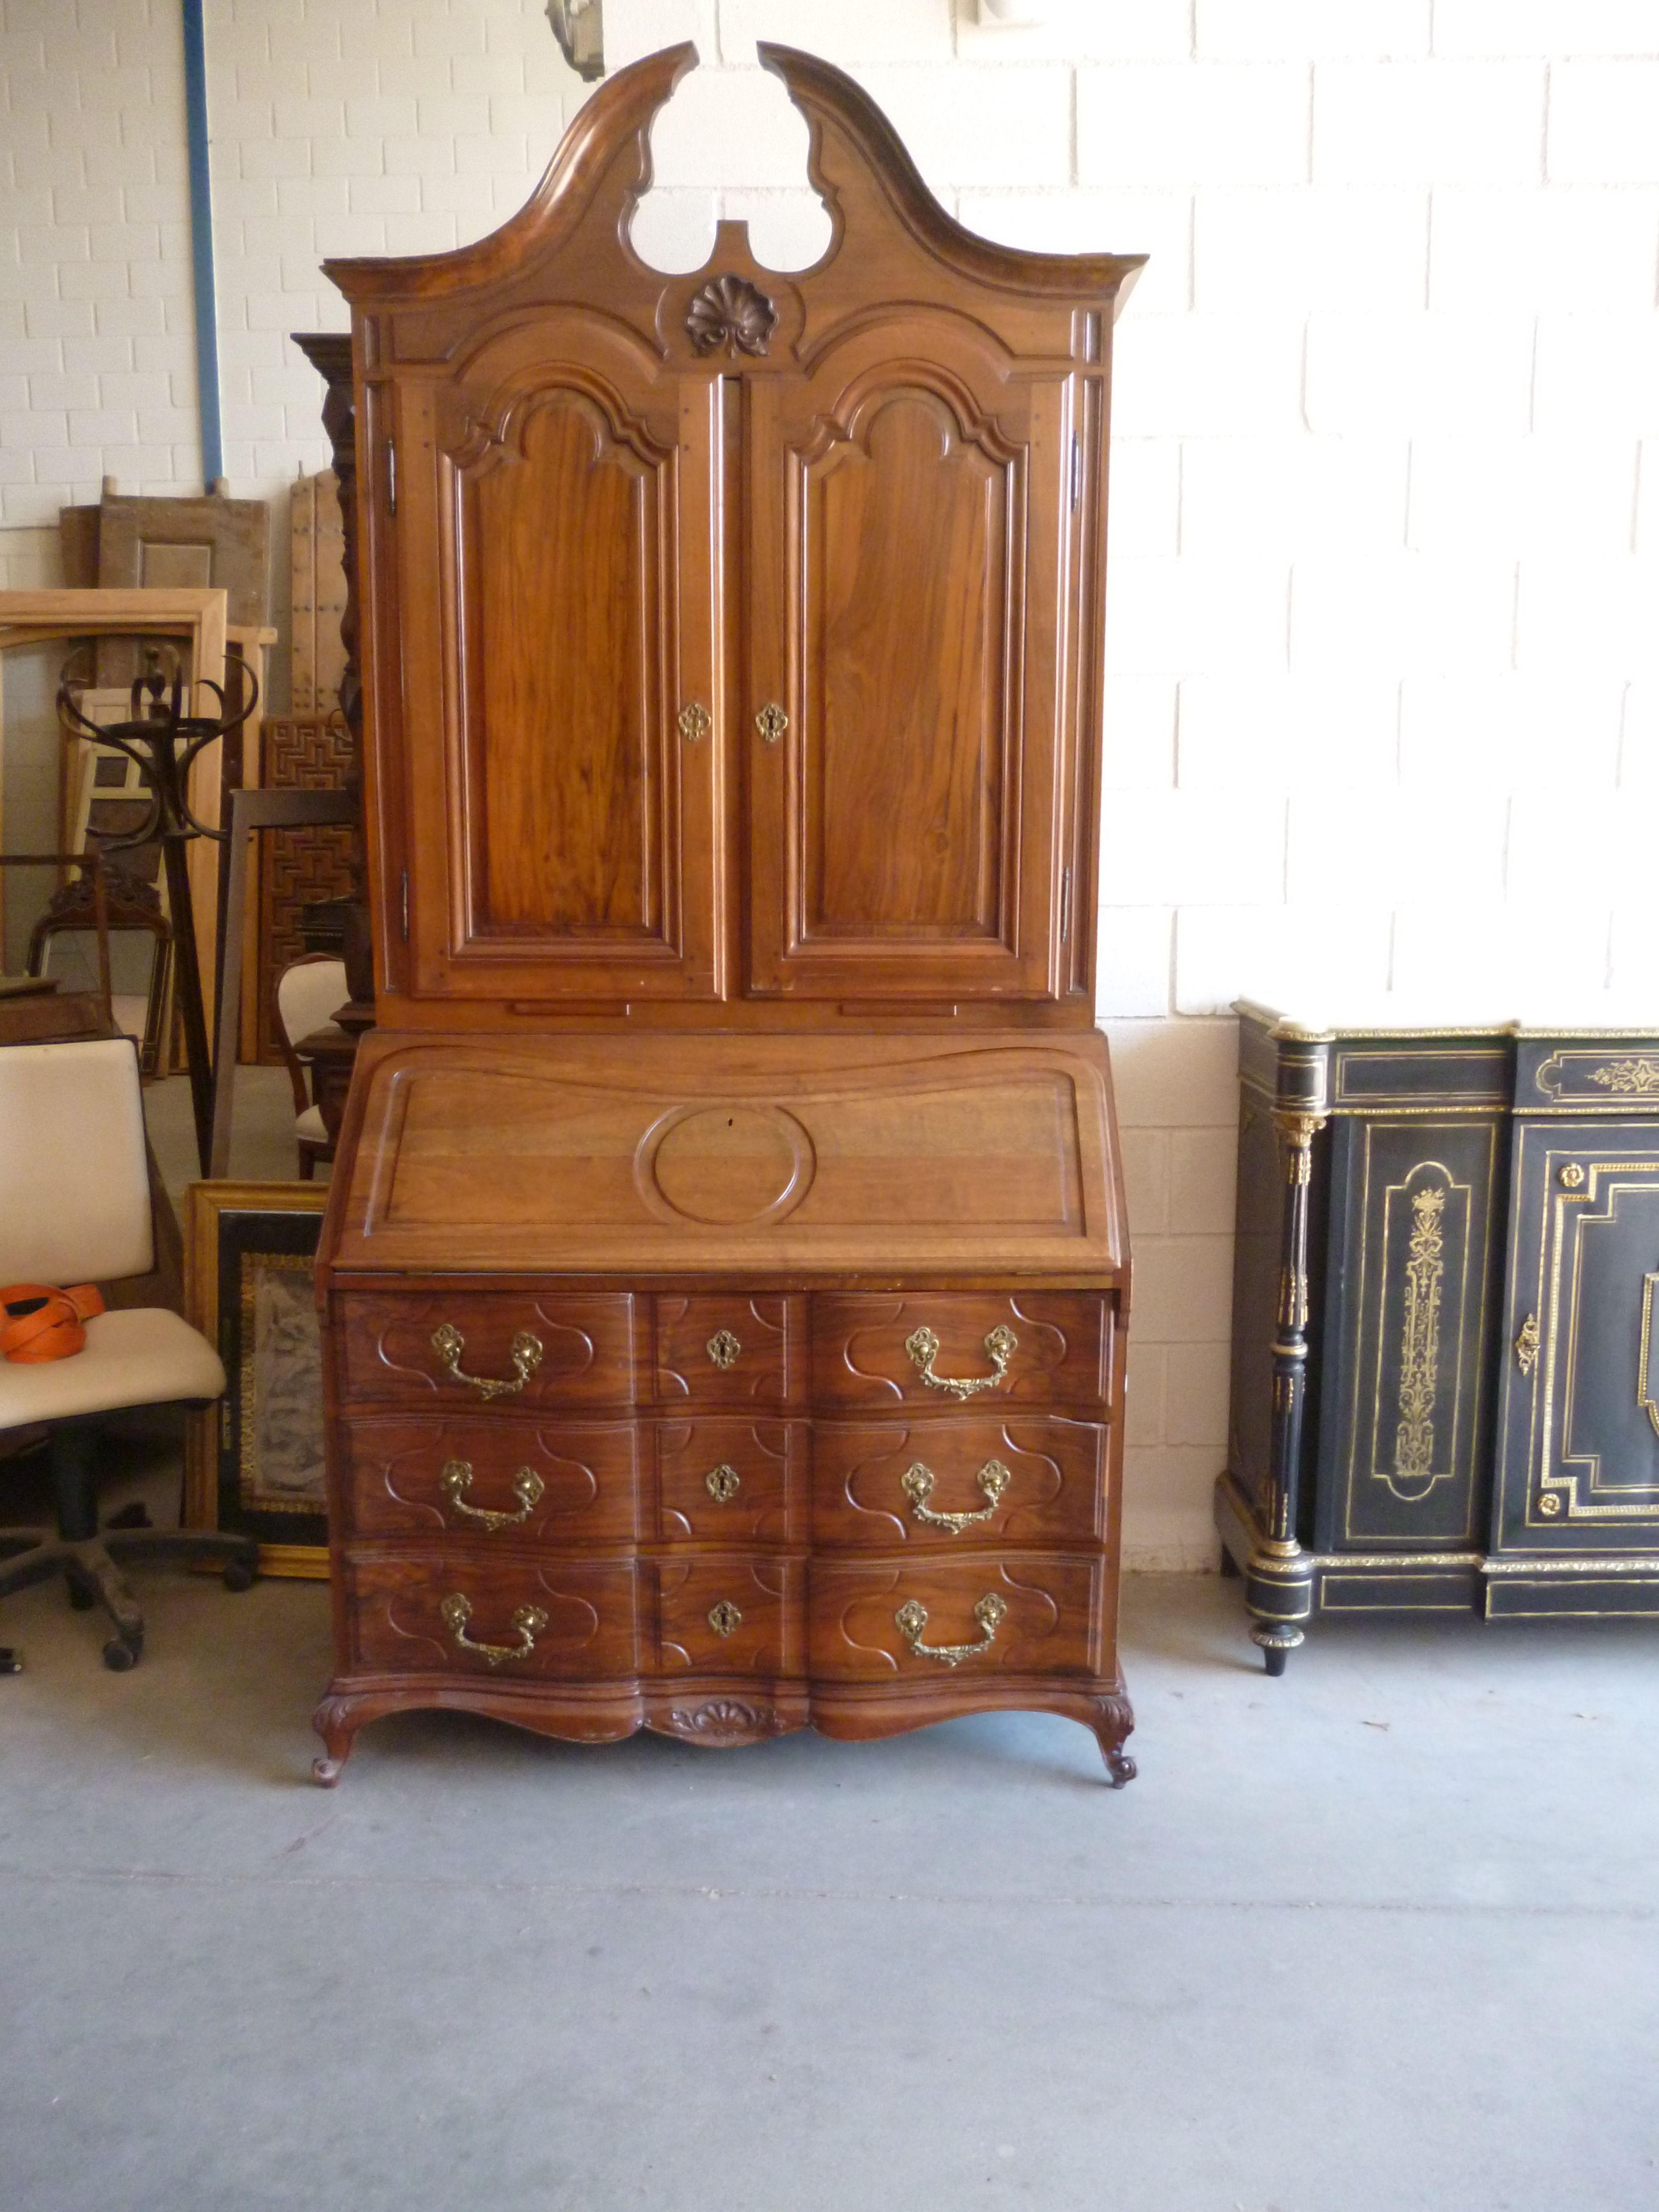 Pin de rocio cruz en cosas que adoro muebles y muebles - Muebles antiguos cordoba ...